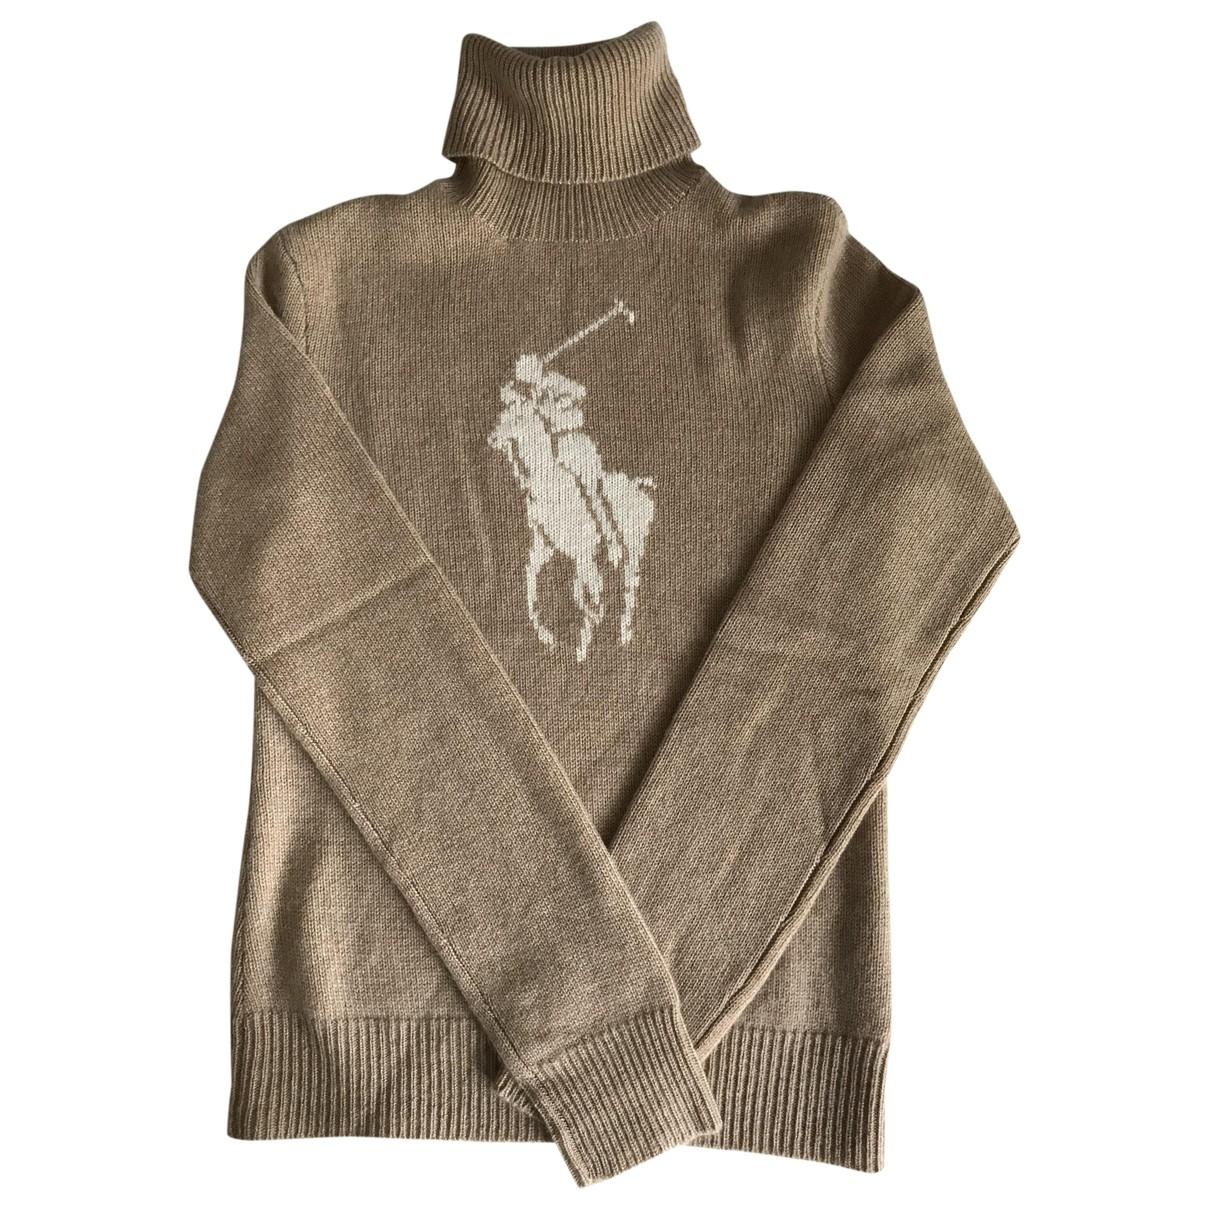 Ralph Lauren N Camel Cashmere Knitwear for Women S International